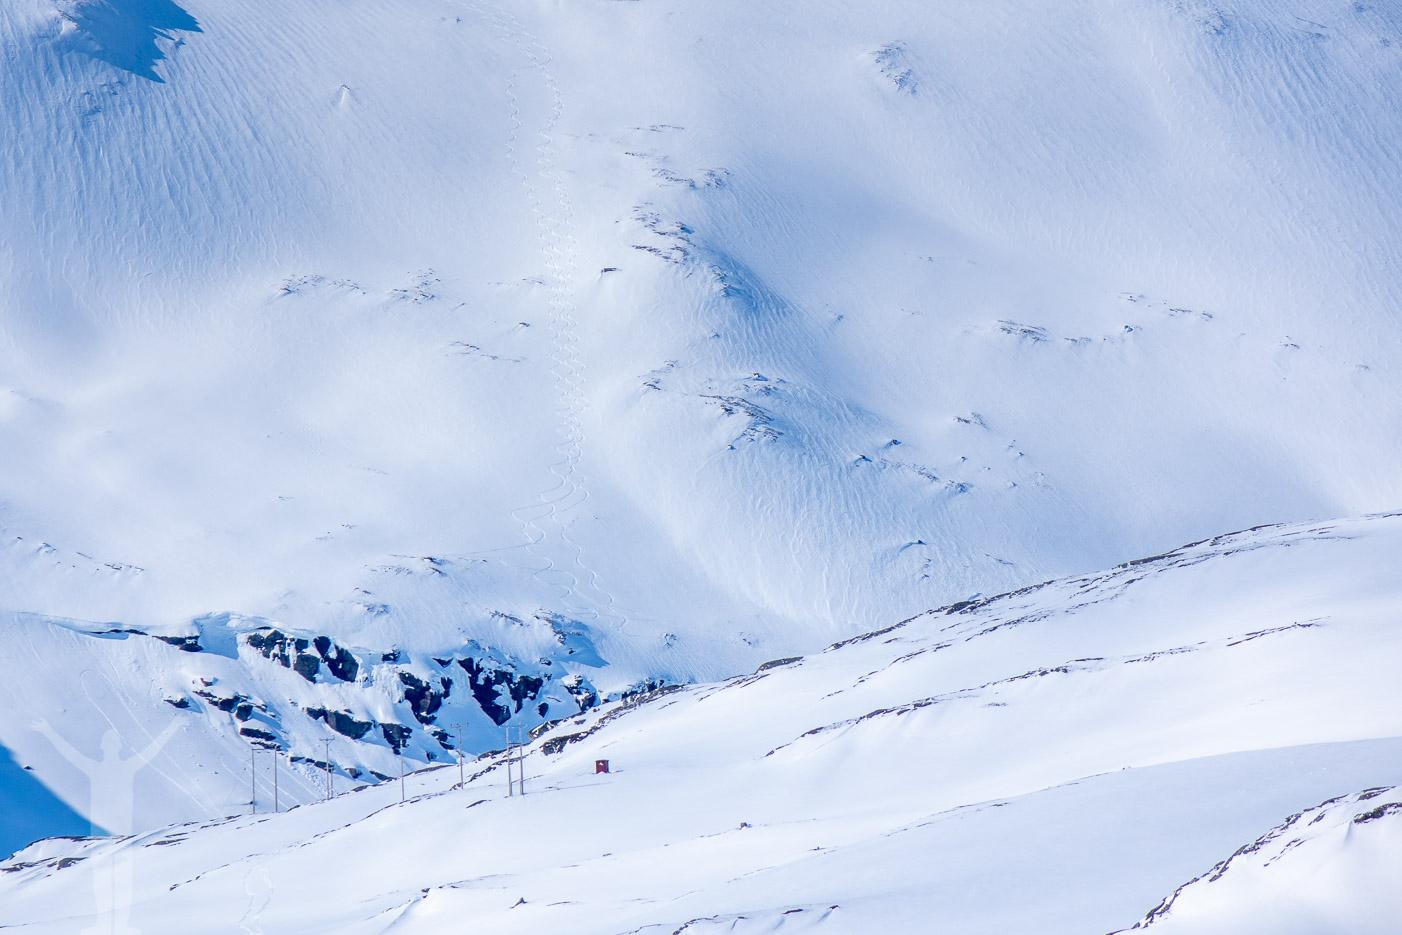 Utsikt från Låktatjåkko Fjällstation